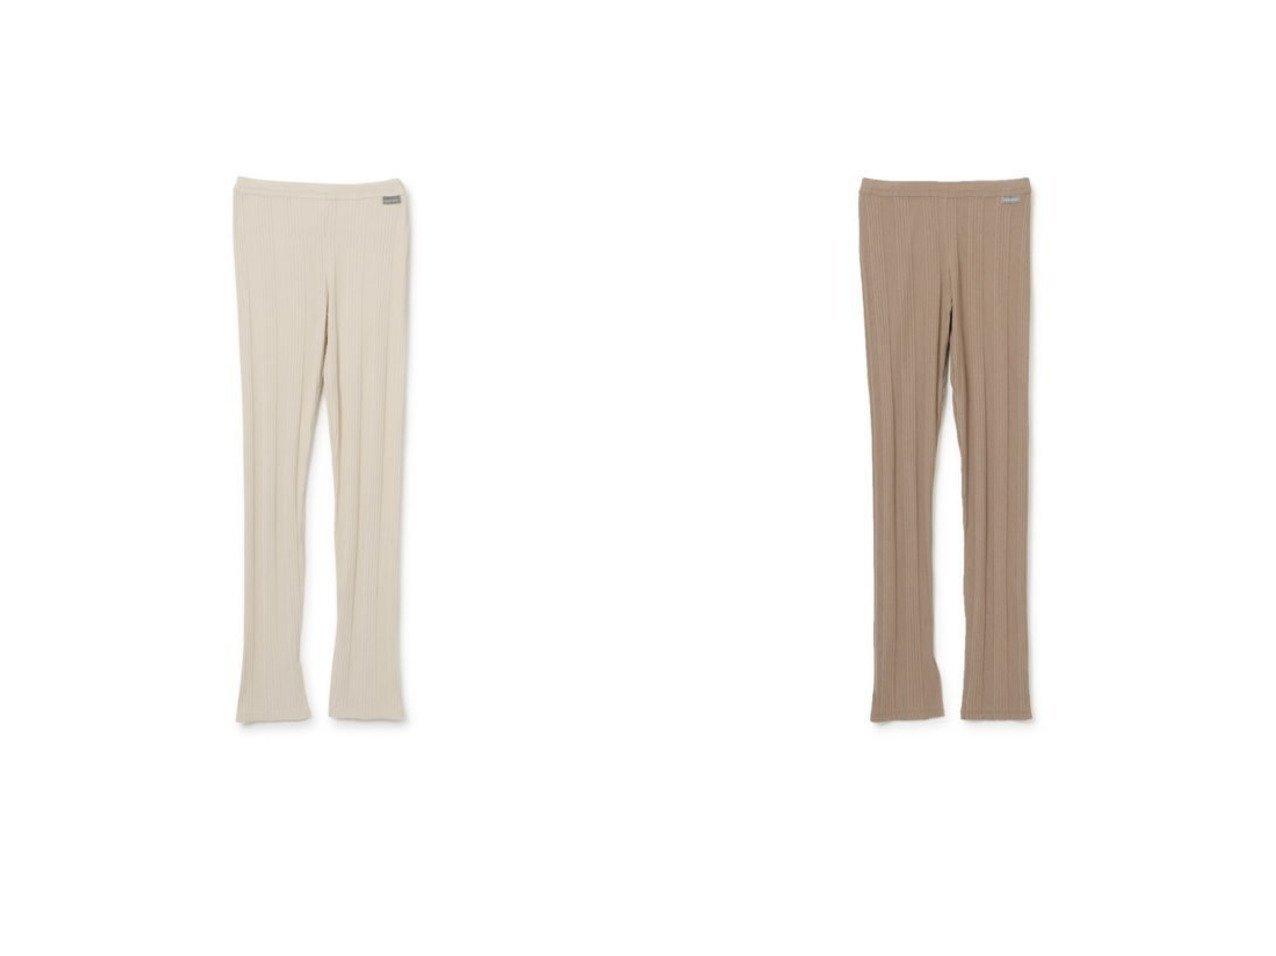 【nestwell/ネストウェル】のINCA - Rib Jersey Leggings - 【パンツ】おすすめ!人気、トレンド・レディースファッションの通販 おすすめで人気の流行・トレンド、ファッションの通販商品 インテリア・家具・メンズファッション・キッズファッション・レディースファッション・服の通販 founy(ファニー) https://founy.com/ ファッション Fashion レディースファッション WOMEN パンツ Pants レギンス Leggings レッグウェア Legwear 2021年 2021 2021-2022秋冬・A/W AW・Autumn/Winter・FW・Fall-Winter・2021-2022 A/W・秋冬 AW・Autumn/Winter・FW・Fall-Winter おすすめ Recommend アンダー セットアップ 洗える  ID:crp329100000059824